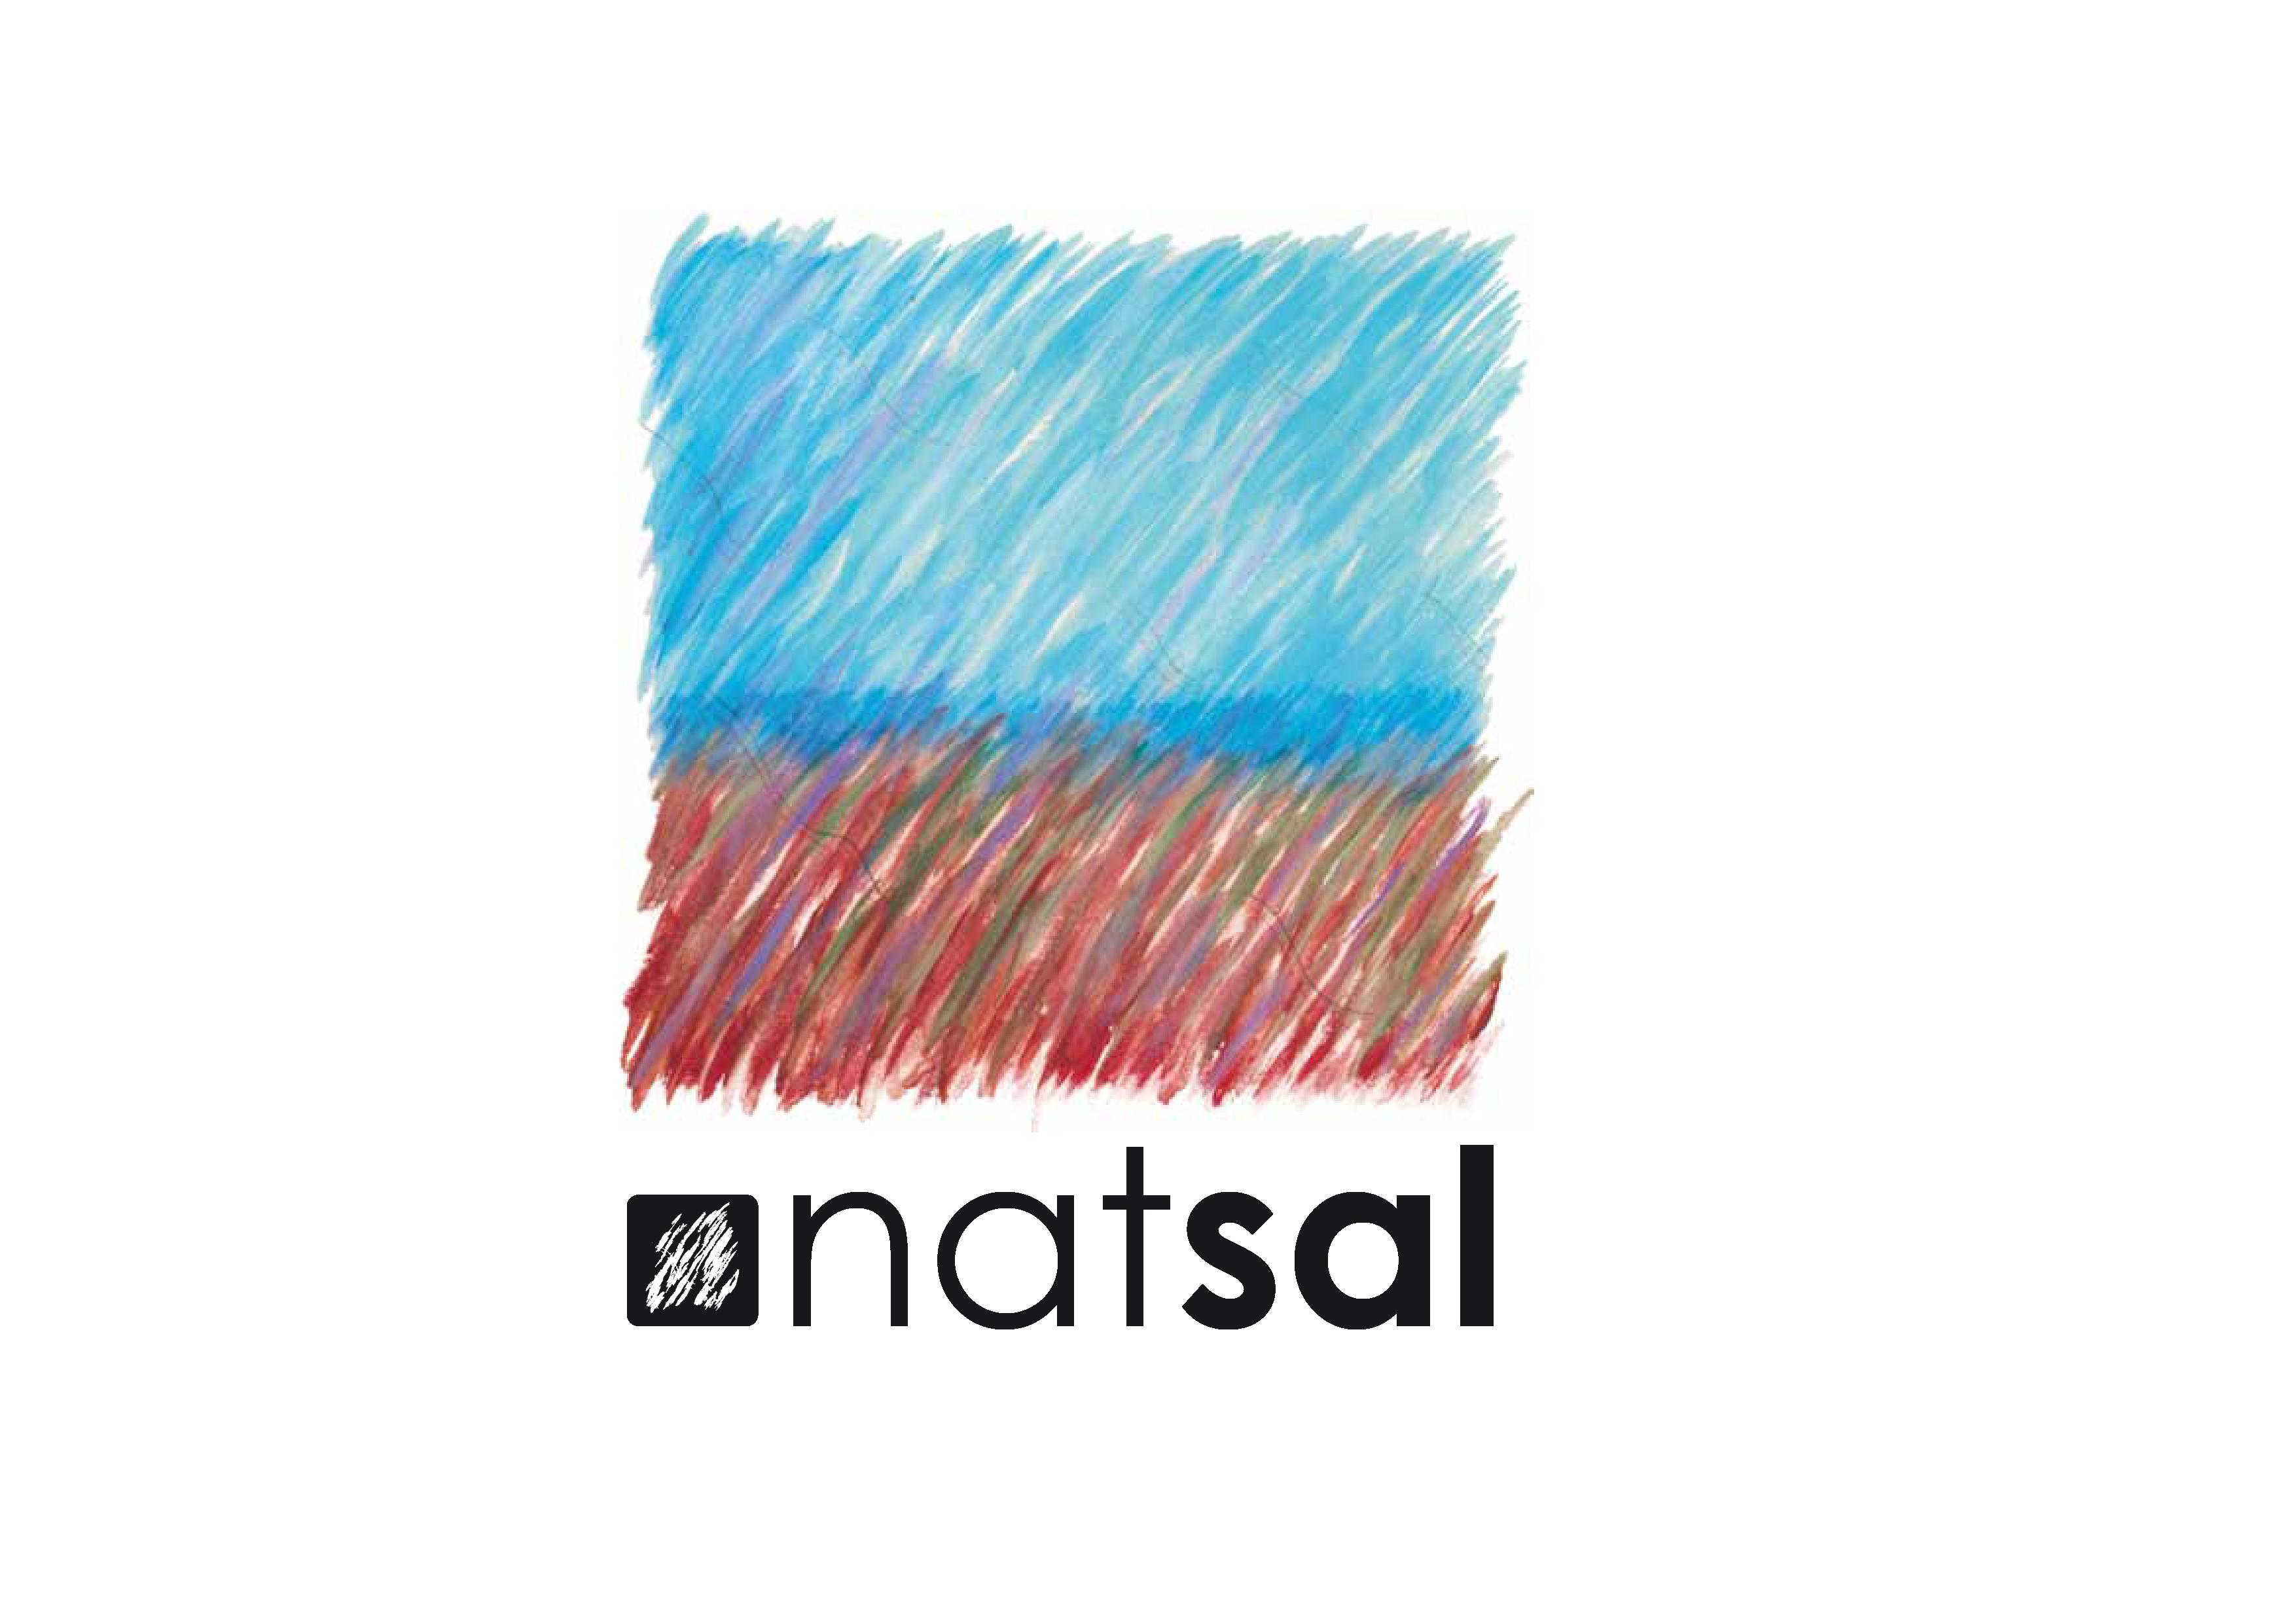 NATSAL